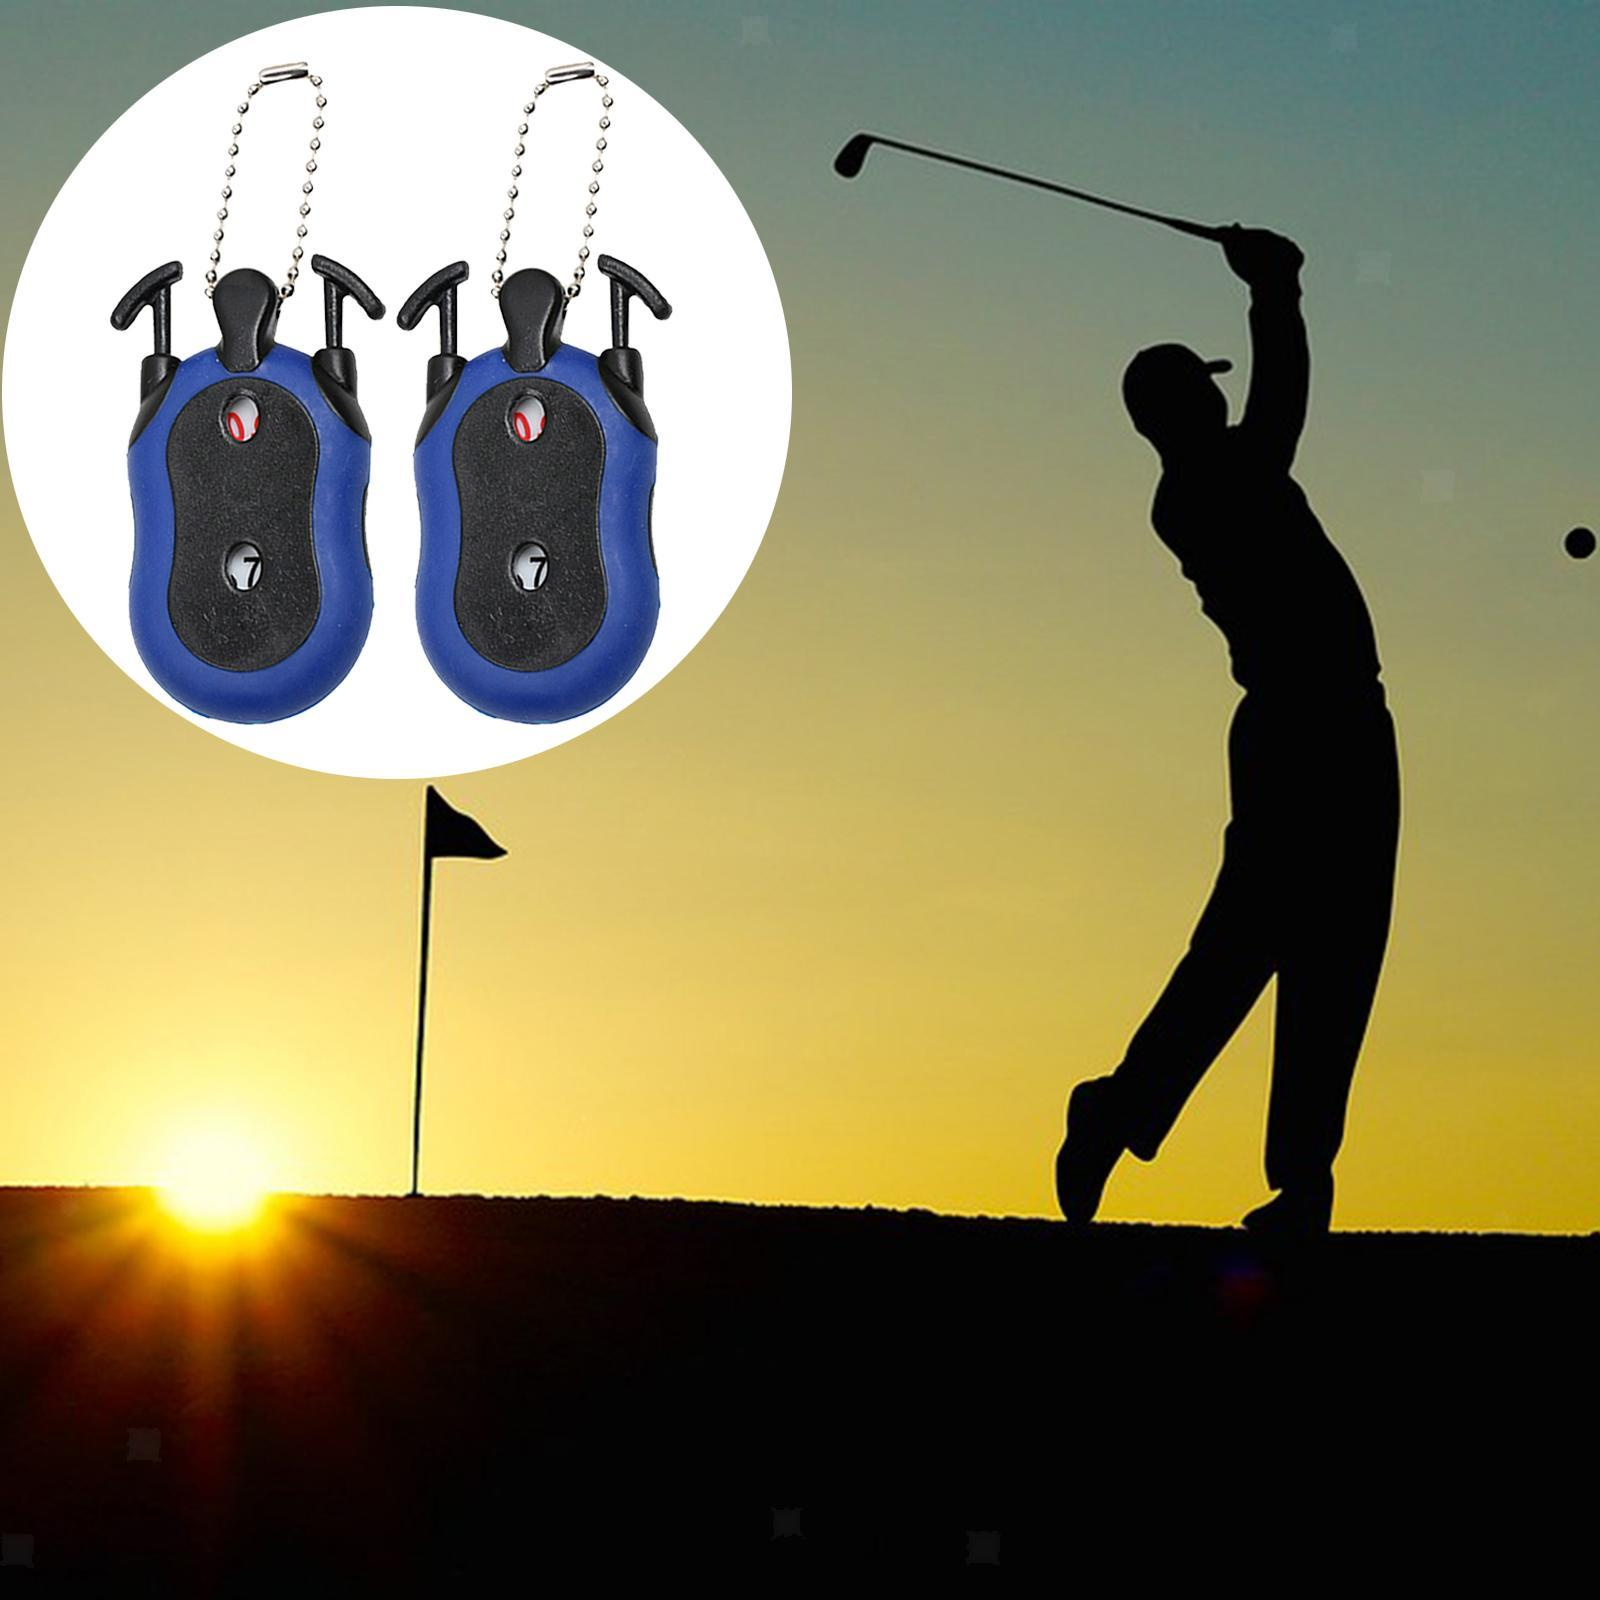 Indexbild 12 - 2 Stück Golf Score Zähler 2-in-1 Double Dial Stroke Putt Scorer mit